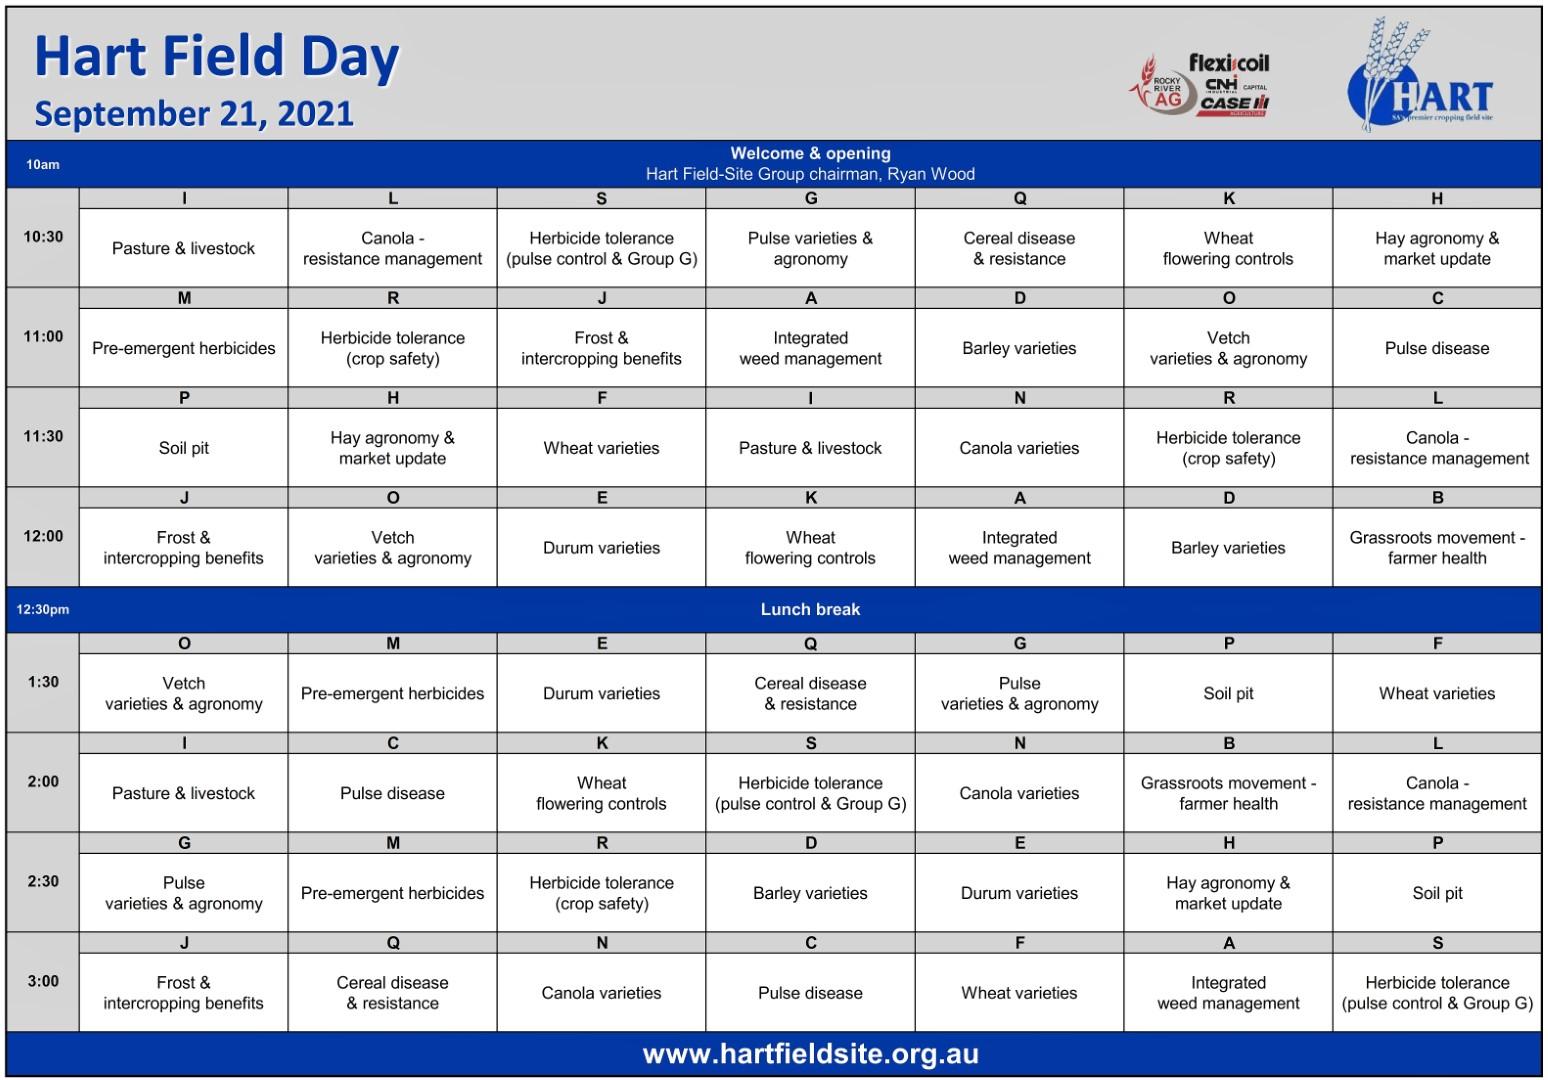 Hart Field Day 2021 - field program